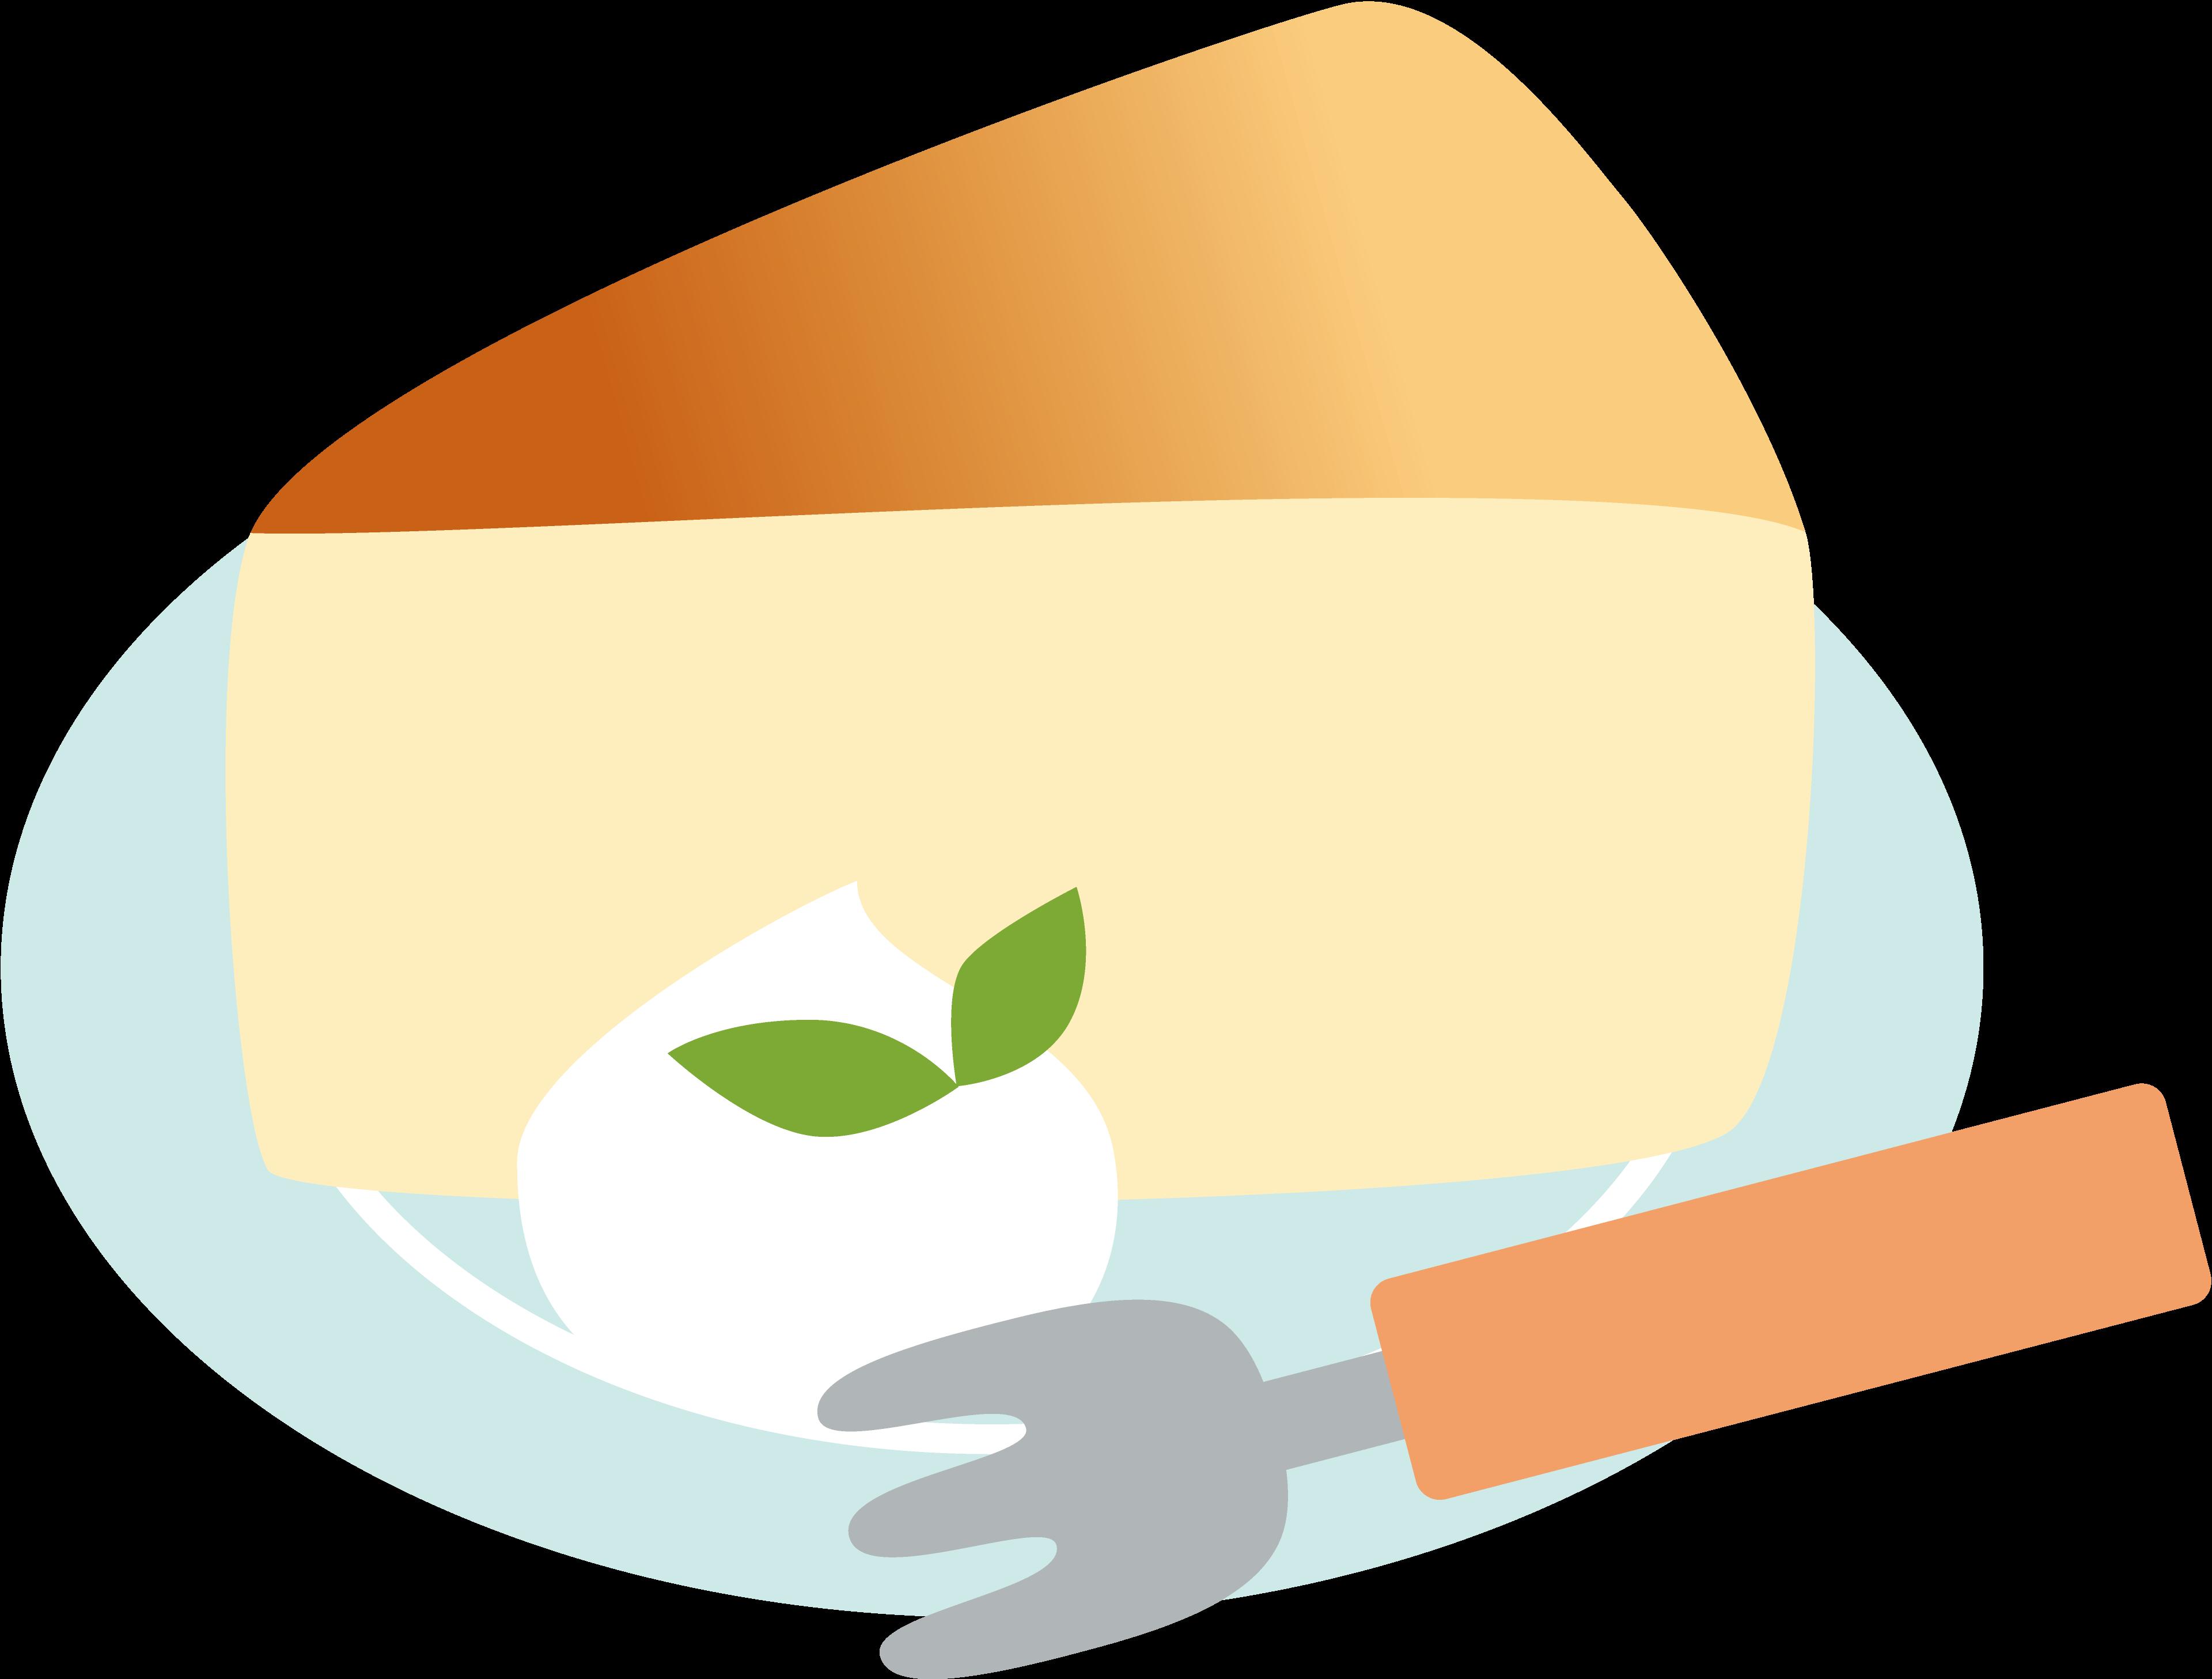 チーズケーキ図鑑